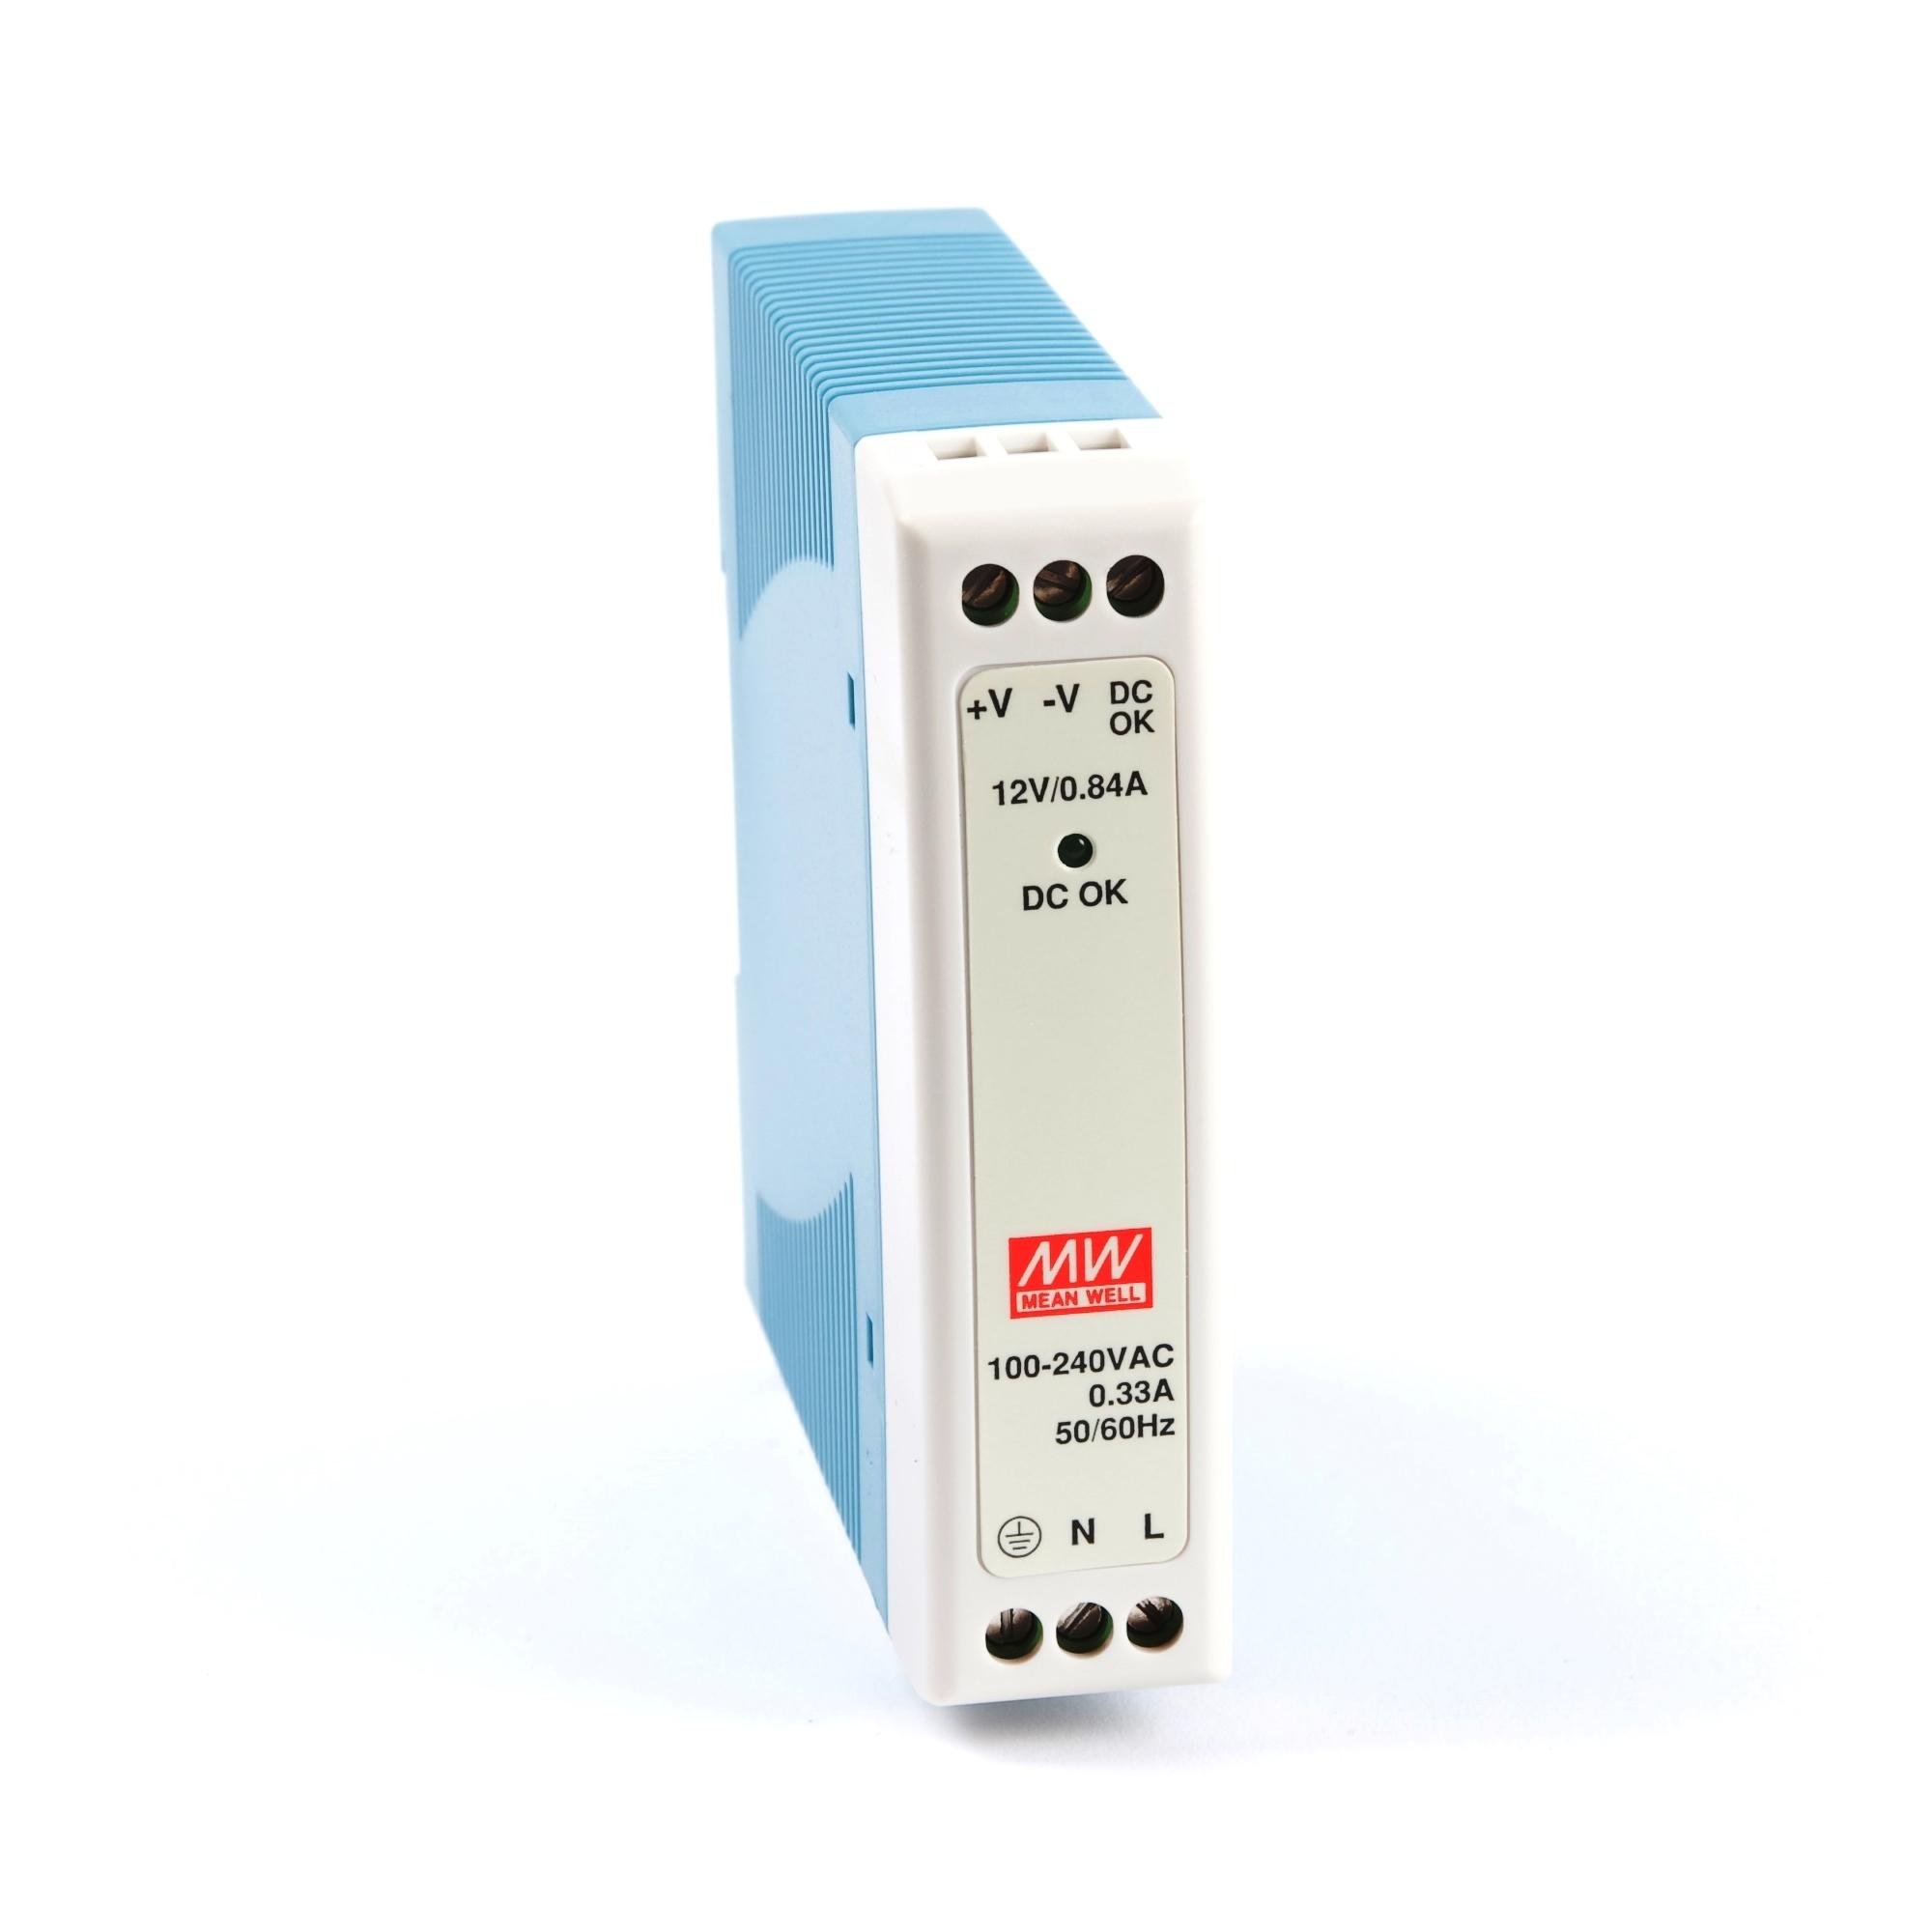 Блок питания MDR-10-24